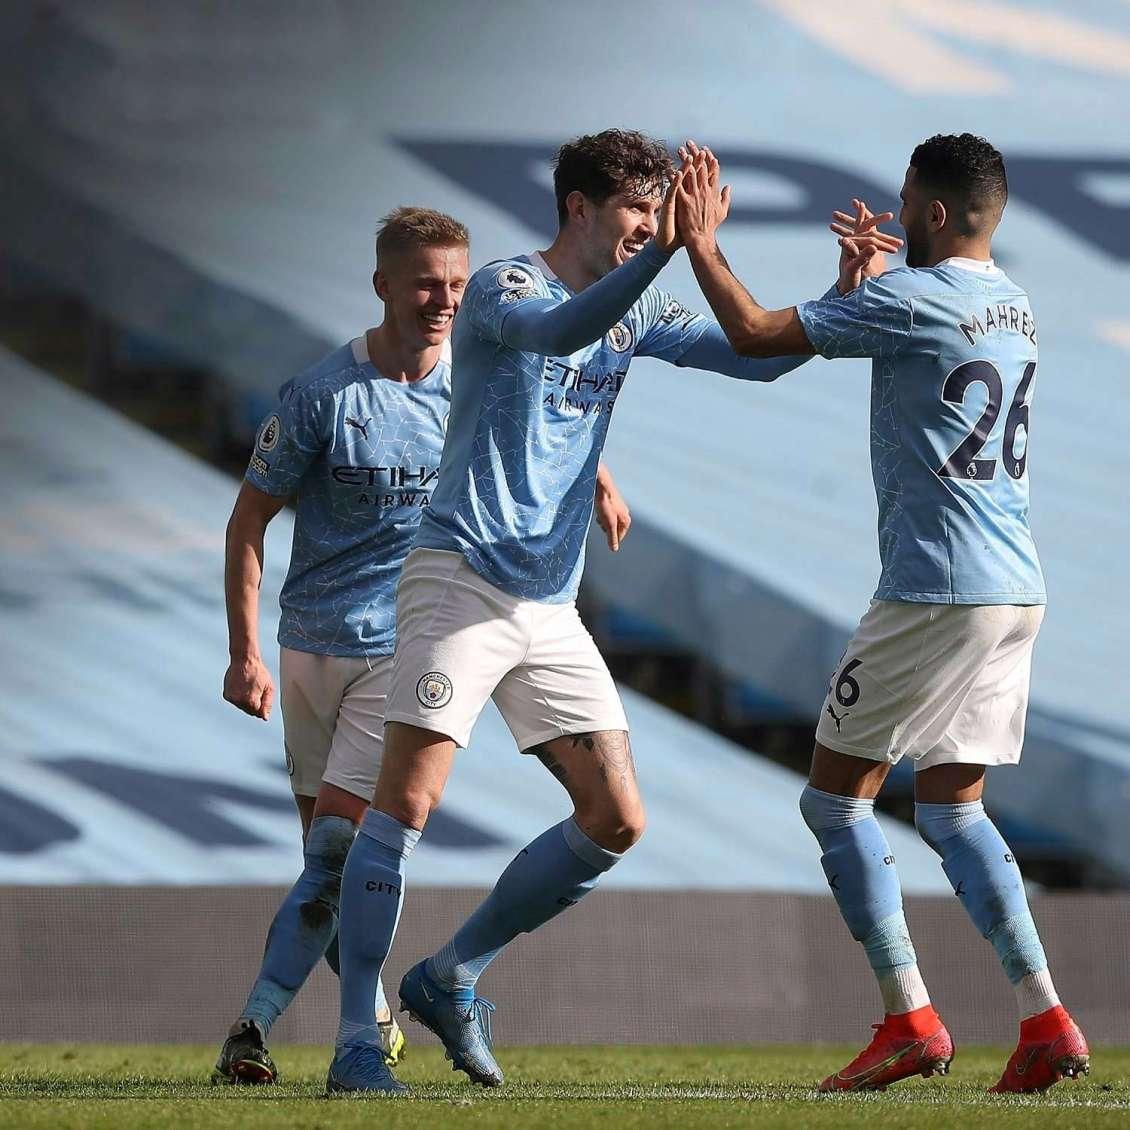 Premier League: Manchester City 2-1 West Ham United